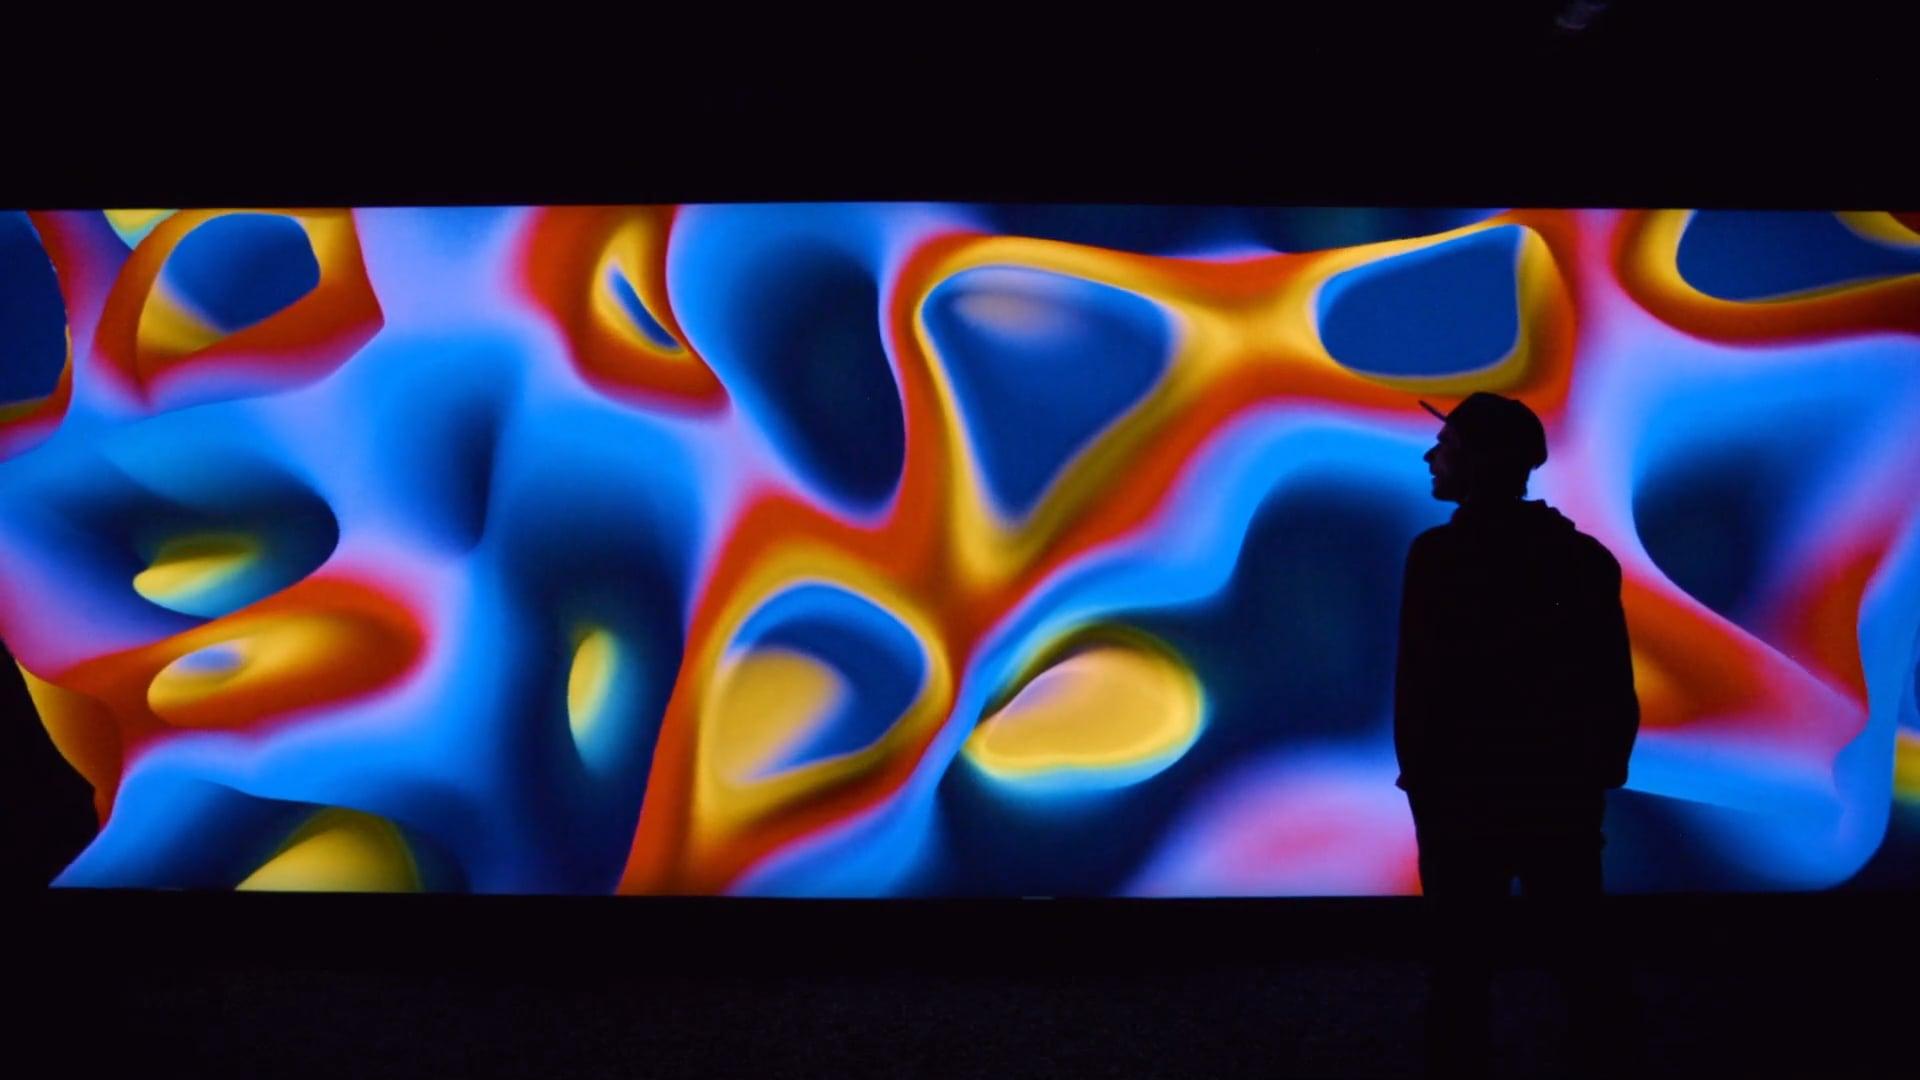 Kuflex Exhibition #1 / teaser